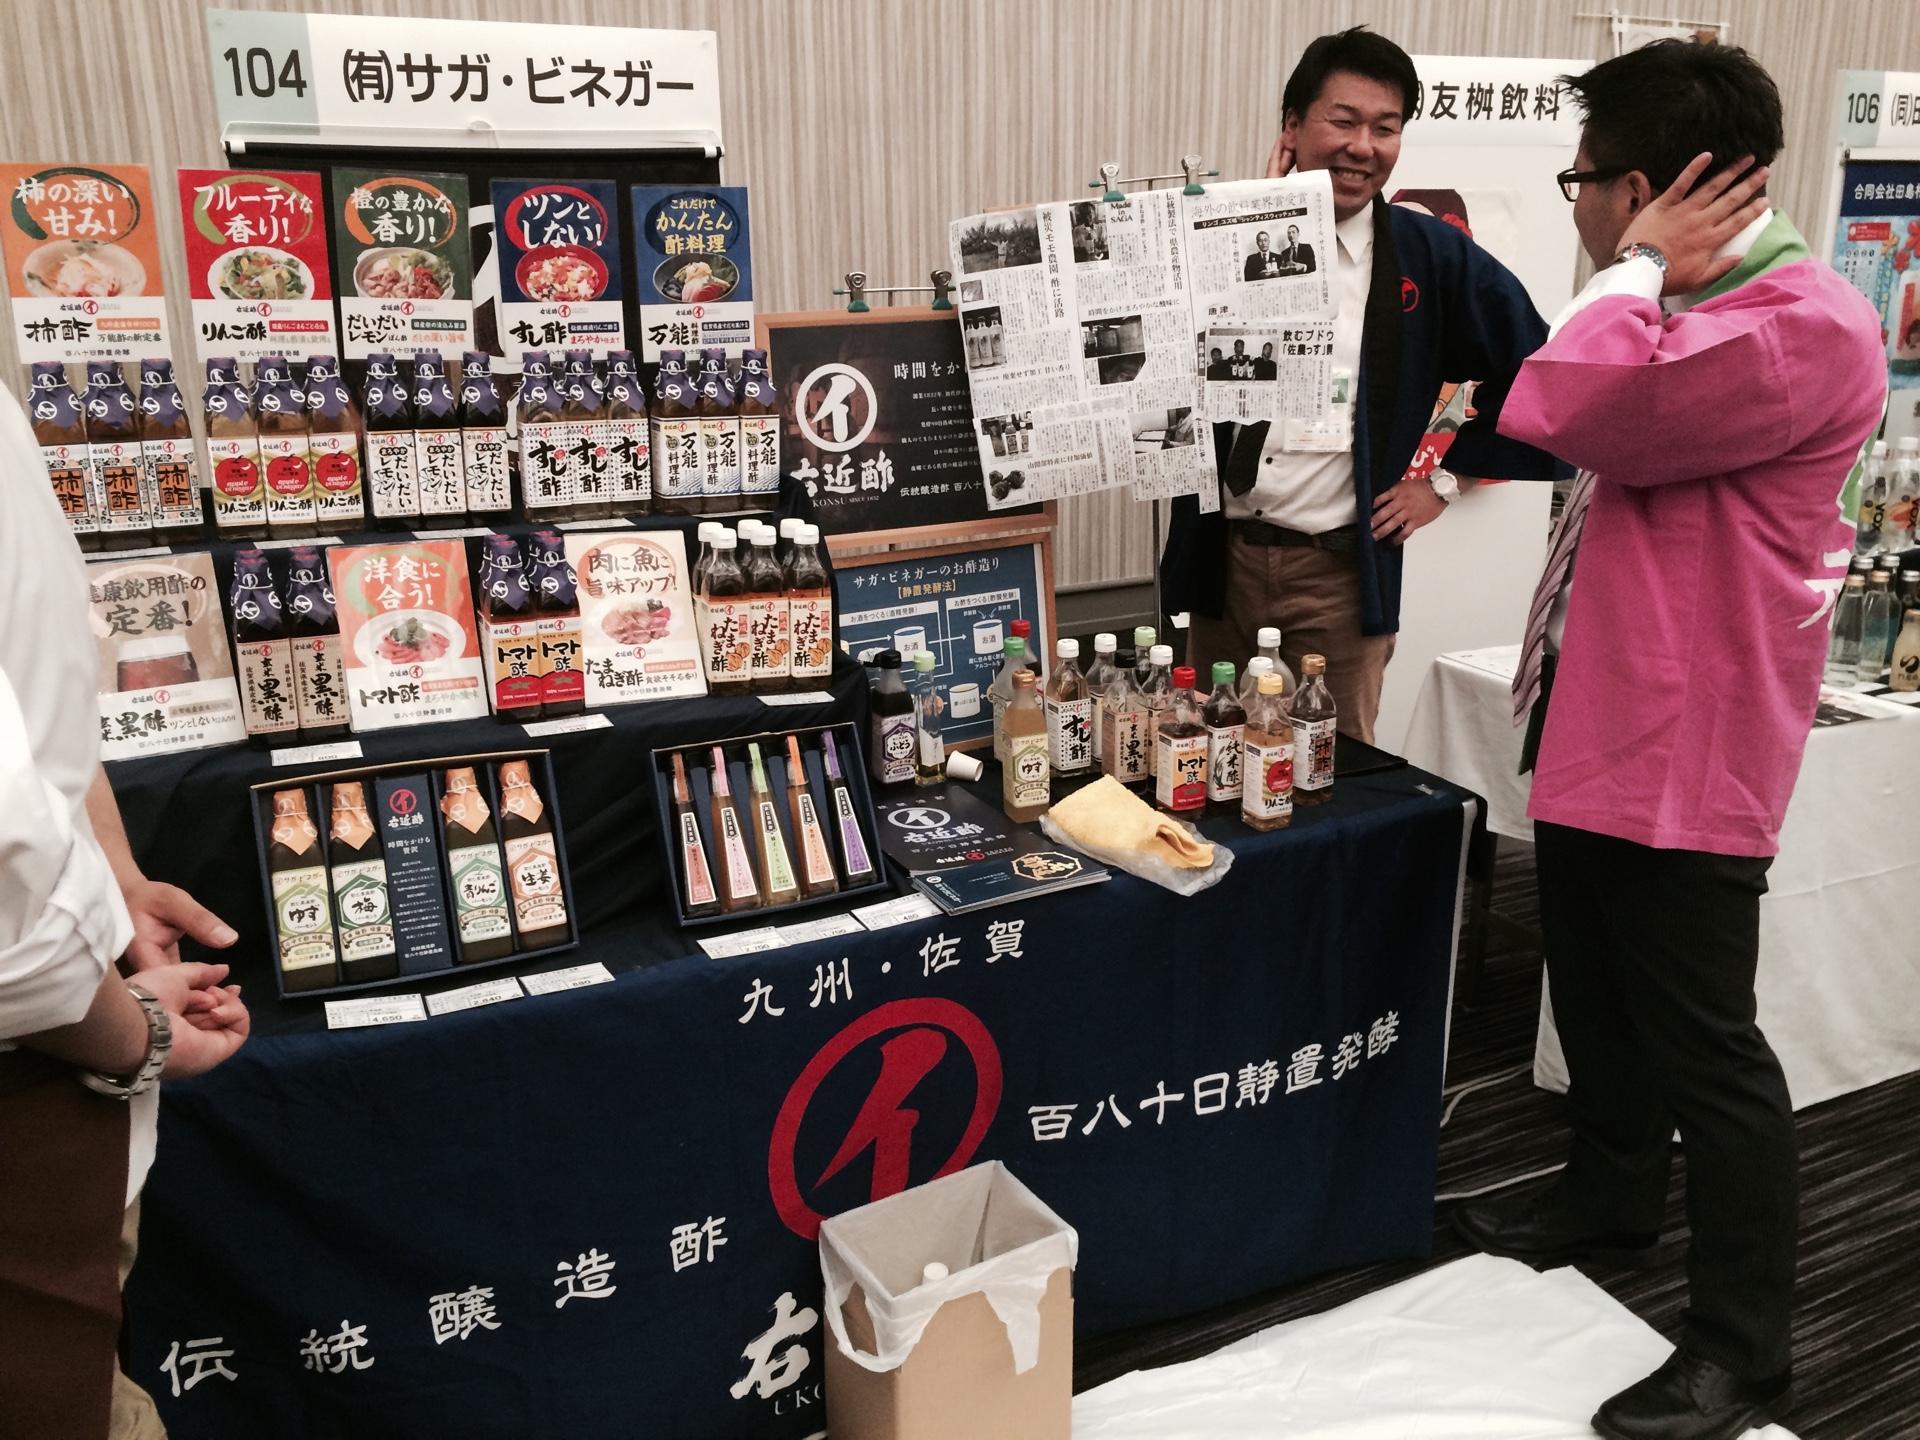 「佐賀県商談会」情報交換しています。